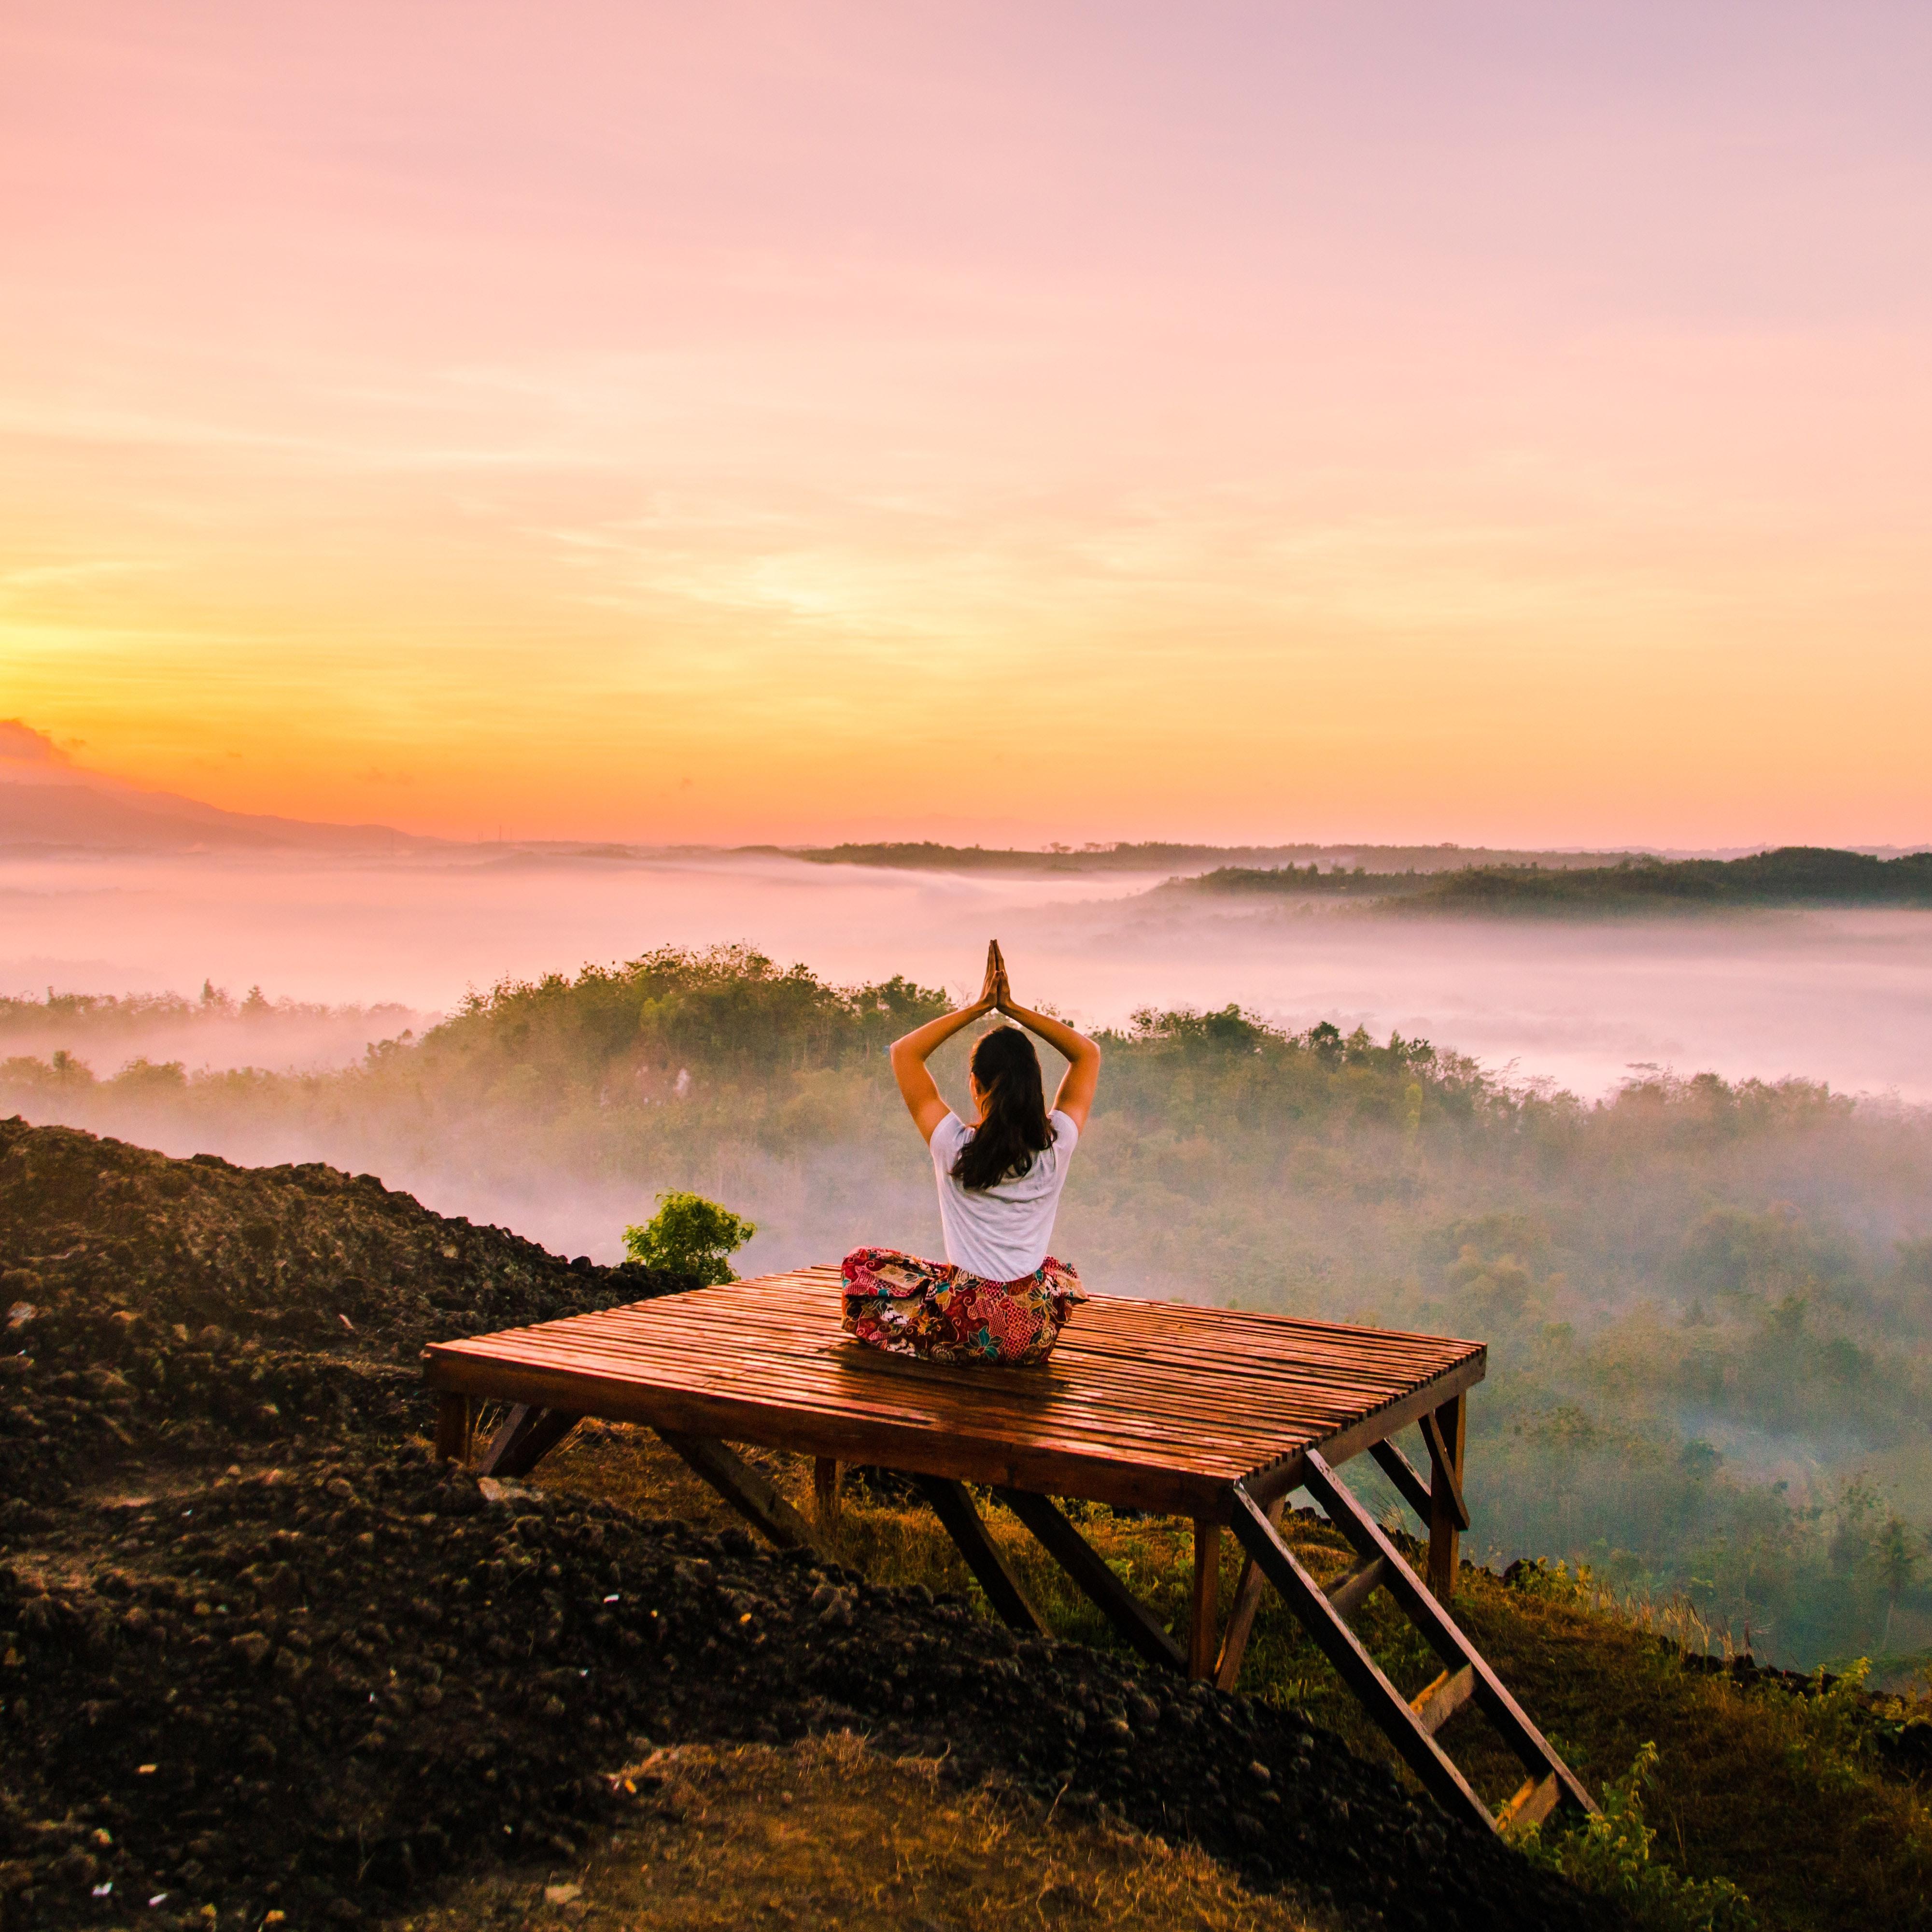 Повний релакс: найближчі йога-фестивалі